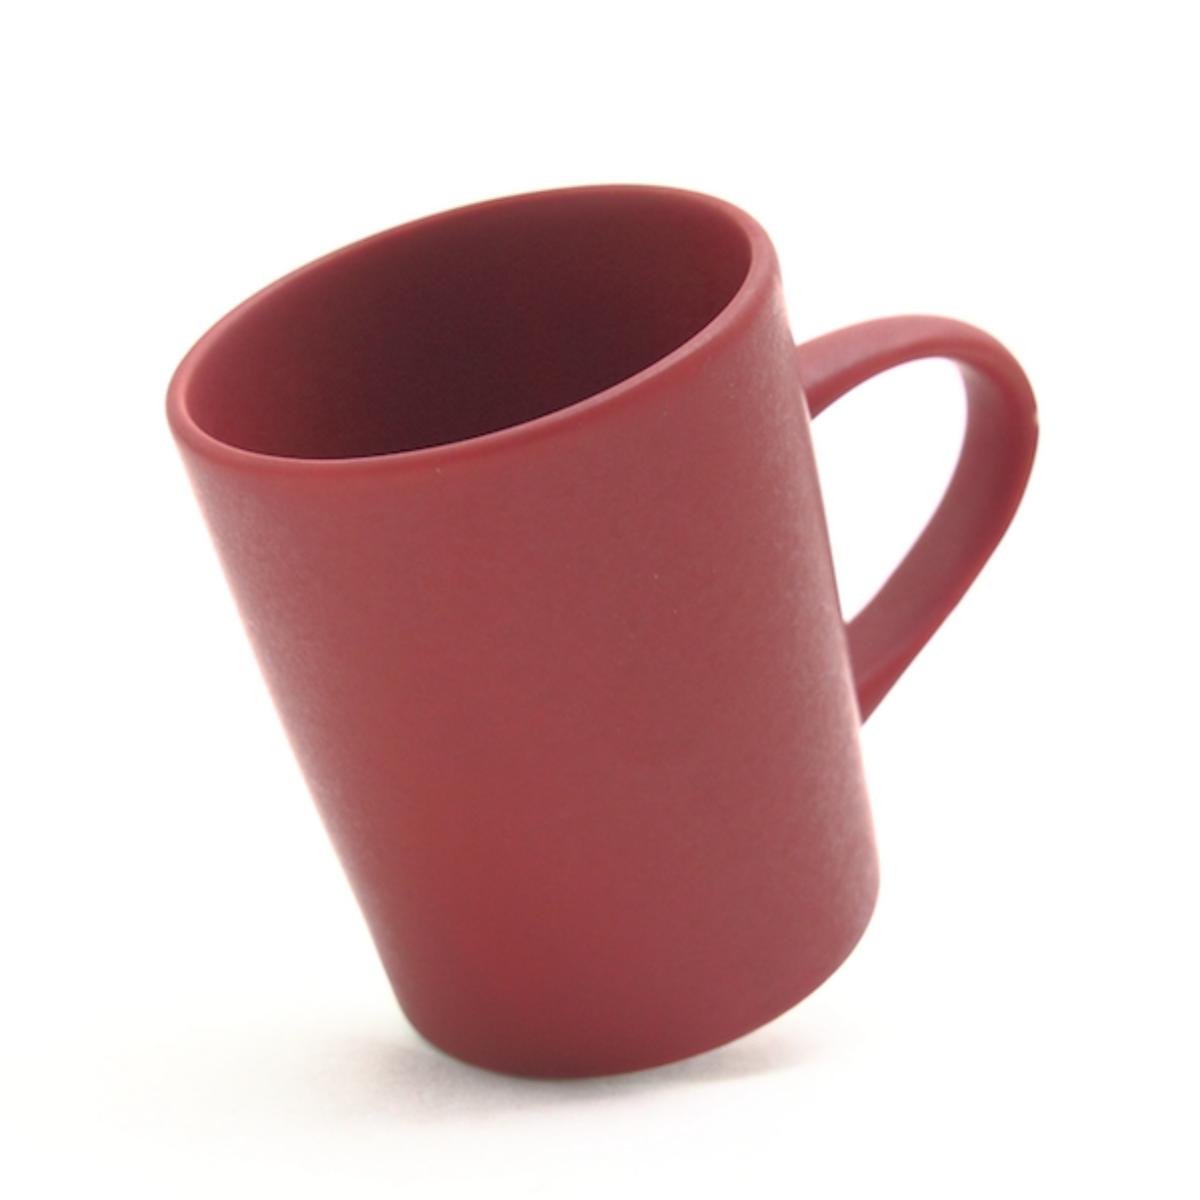 マグカップ SS のっぽ ワインレッド 詳細画像3